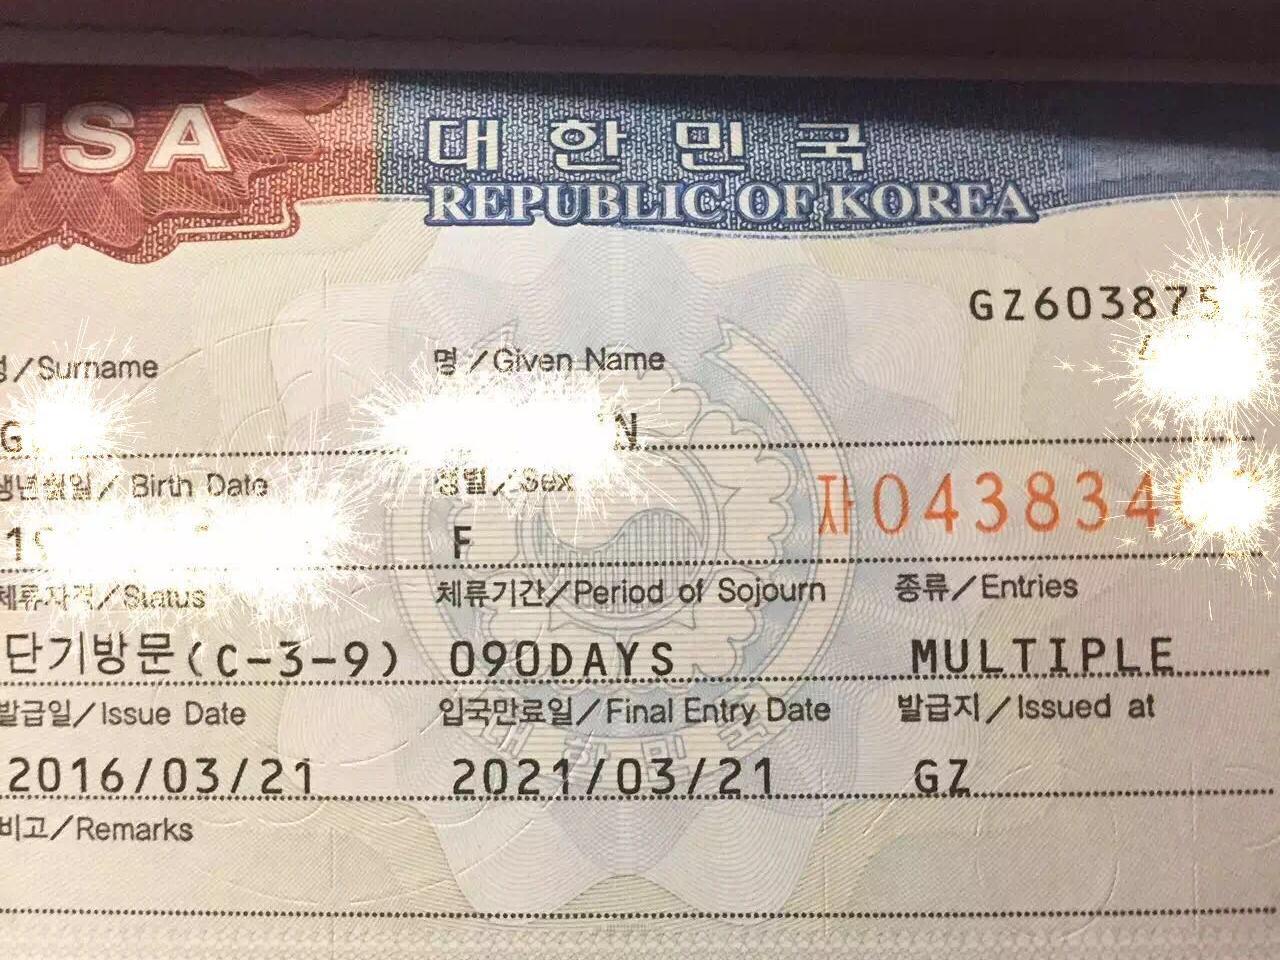 轻松Get韩国五年多次往返签证(广州领区)